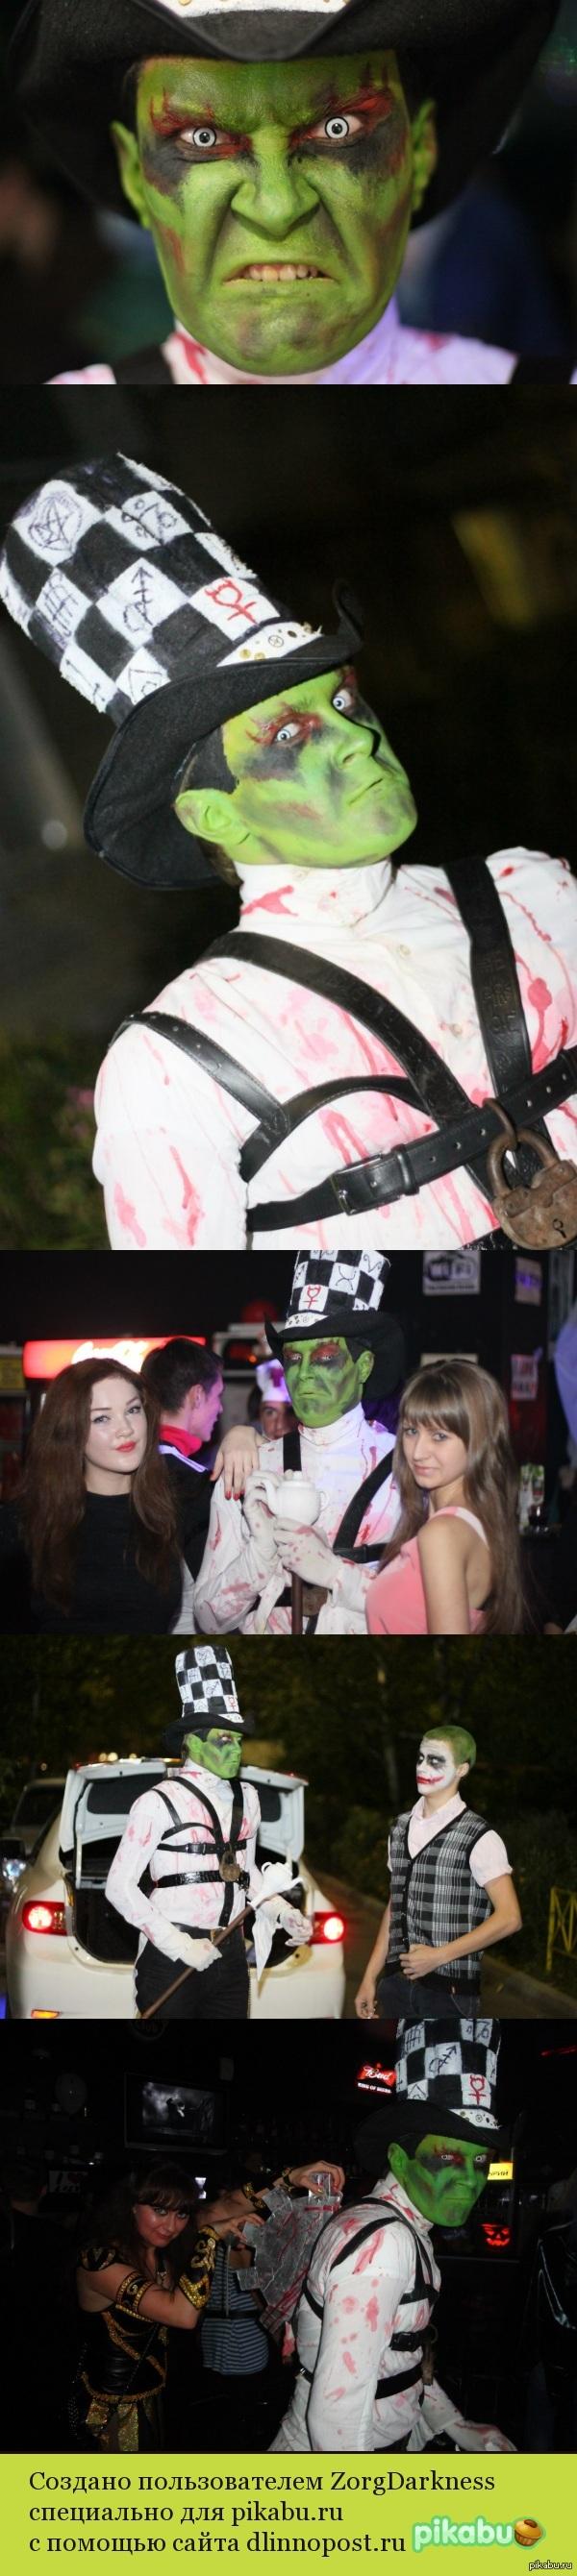 Костюм шляпника на Haloween Вот такой костюм у меня был на прошлый Haloween, в этом году буду делать костюм кукольника из той же Alice: Madness Returns)